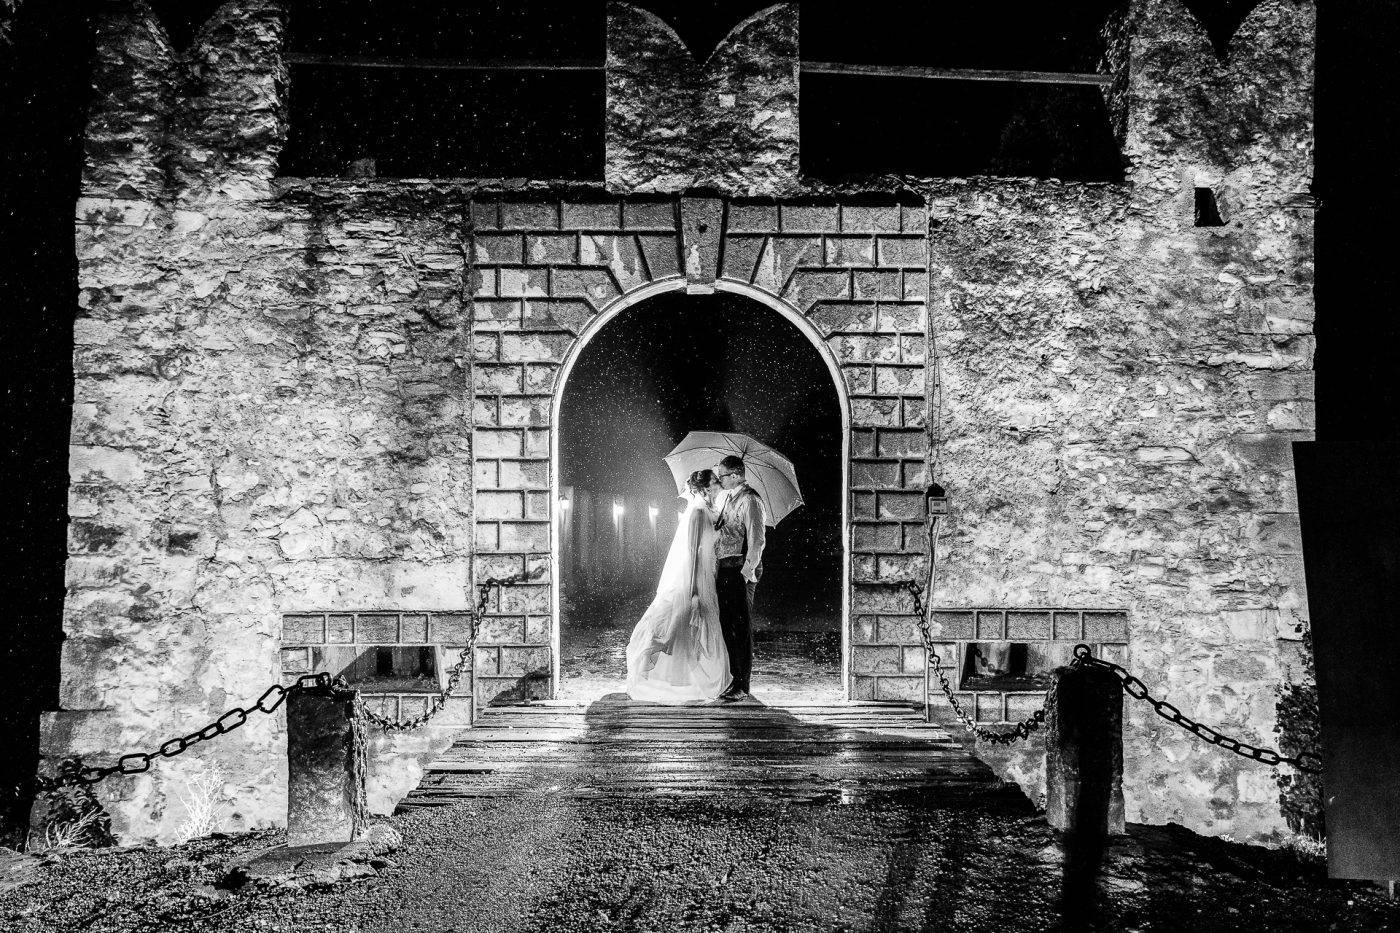 aschenputtel-hochzeitsfotograf-castel-toblino-trento-italien_MG_3753-2